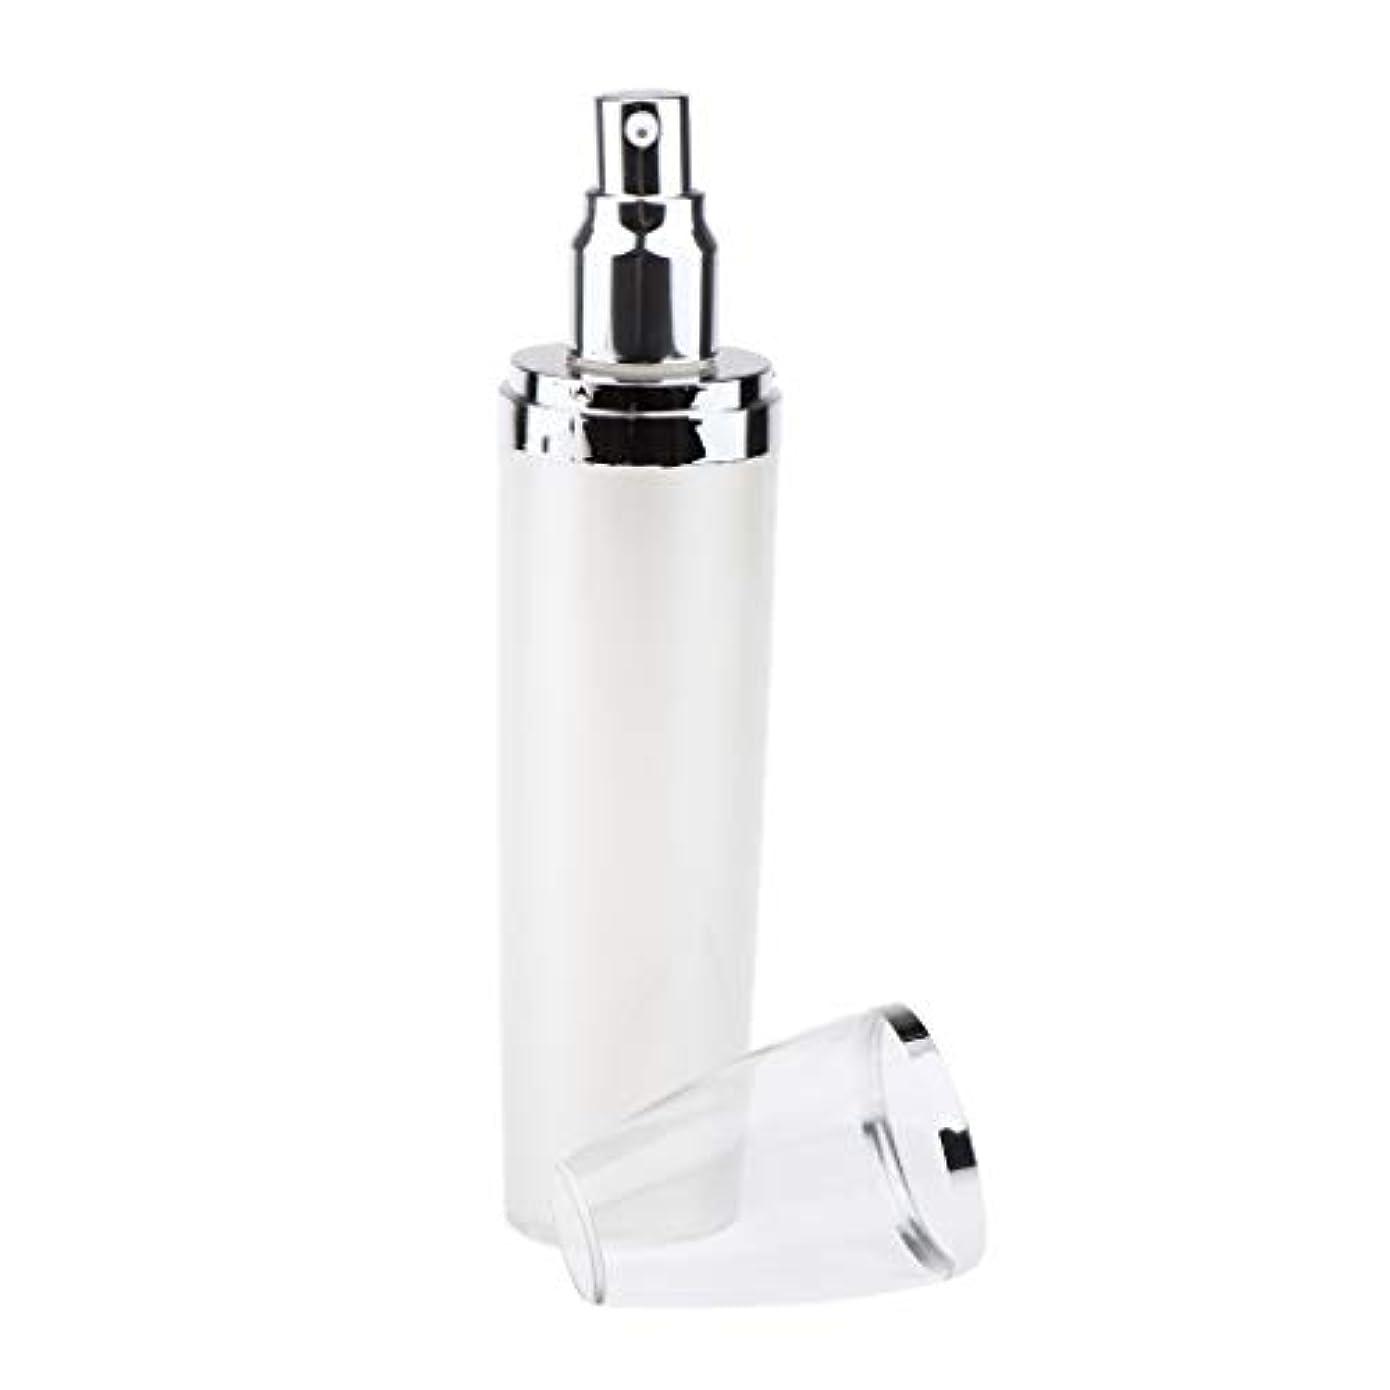 自宅でハンバーガーループPerfeclan 詰替え容器 ポンプボトル 空 化粧品ボトル ディスペンサーボトル 漏れ防止 全4サイズ - 100ミリリットル